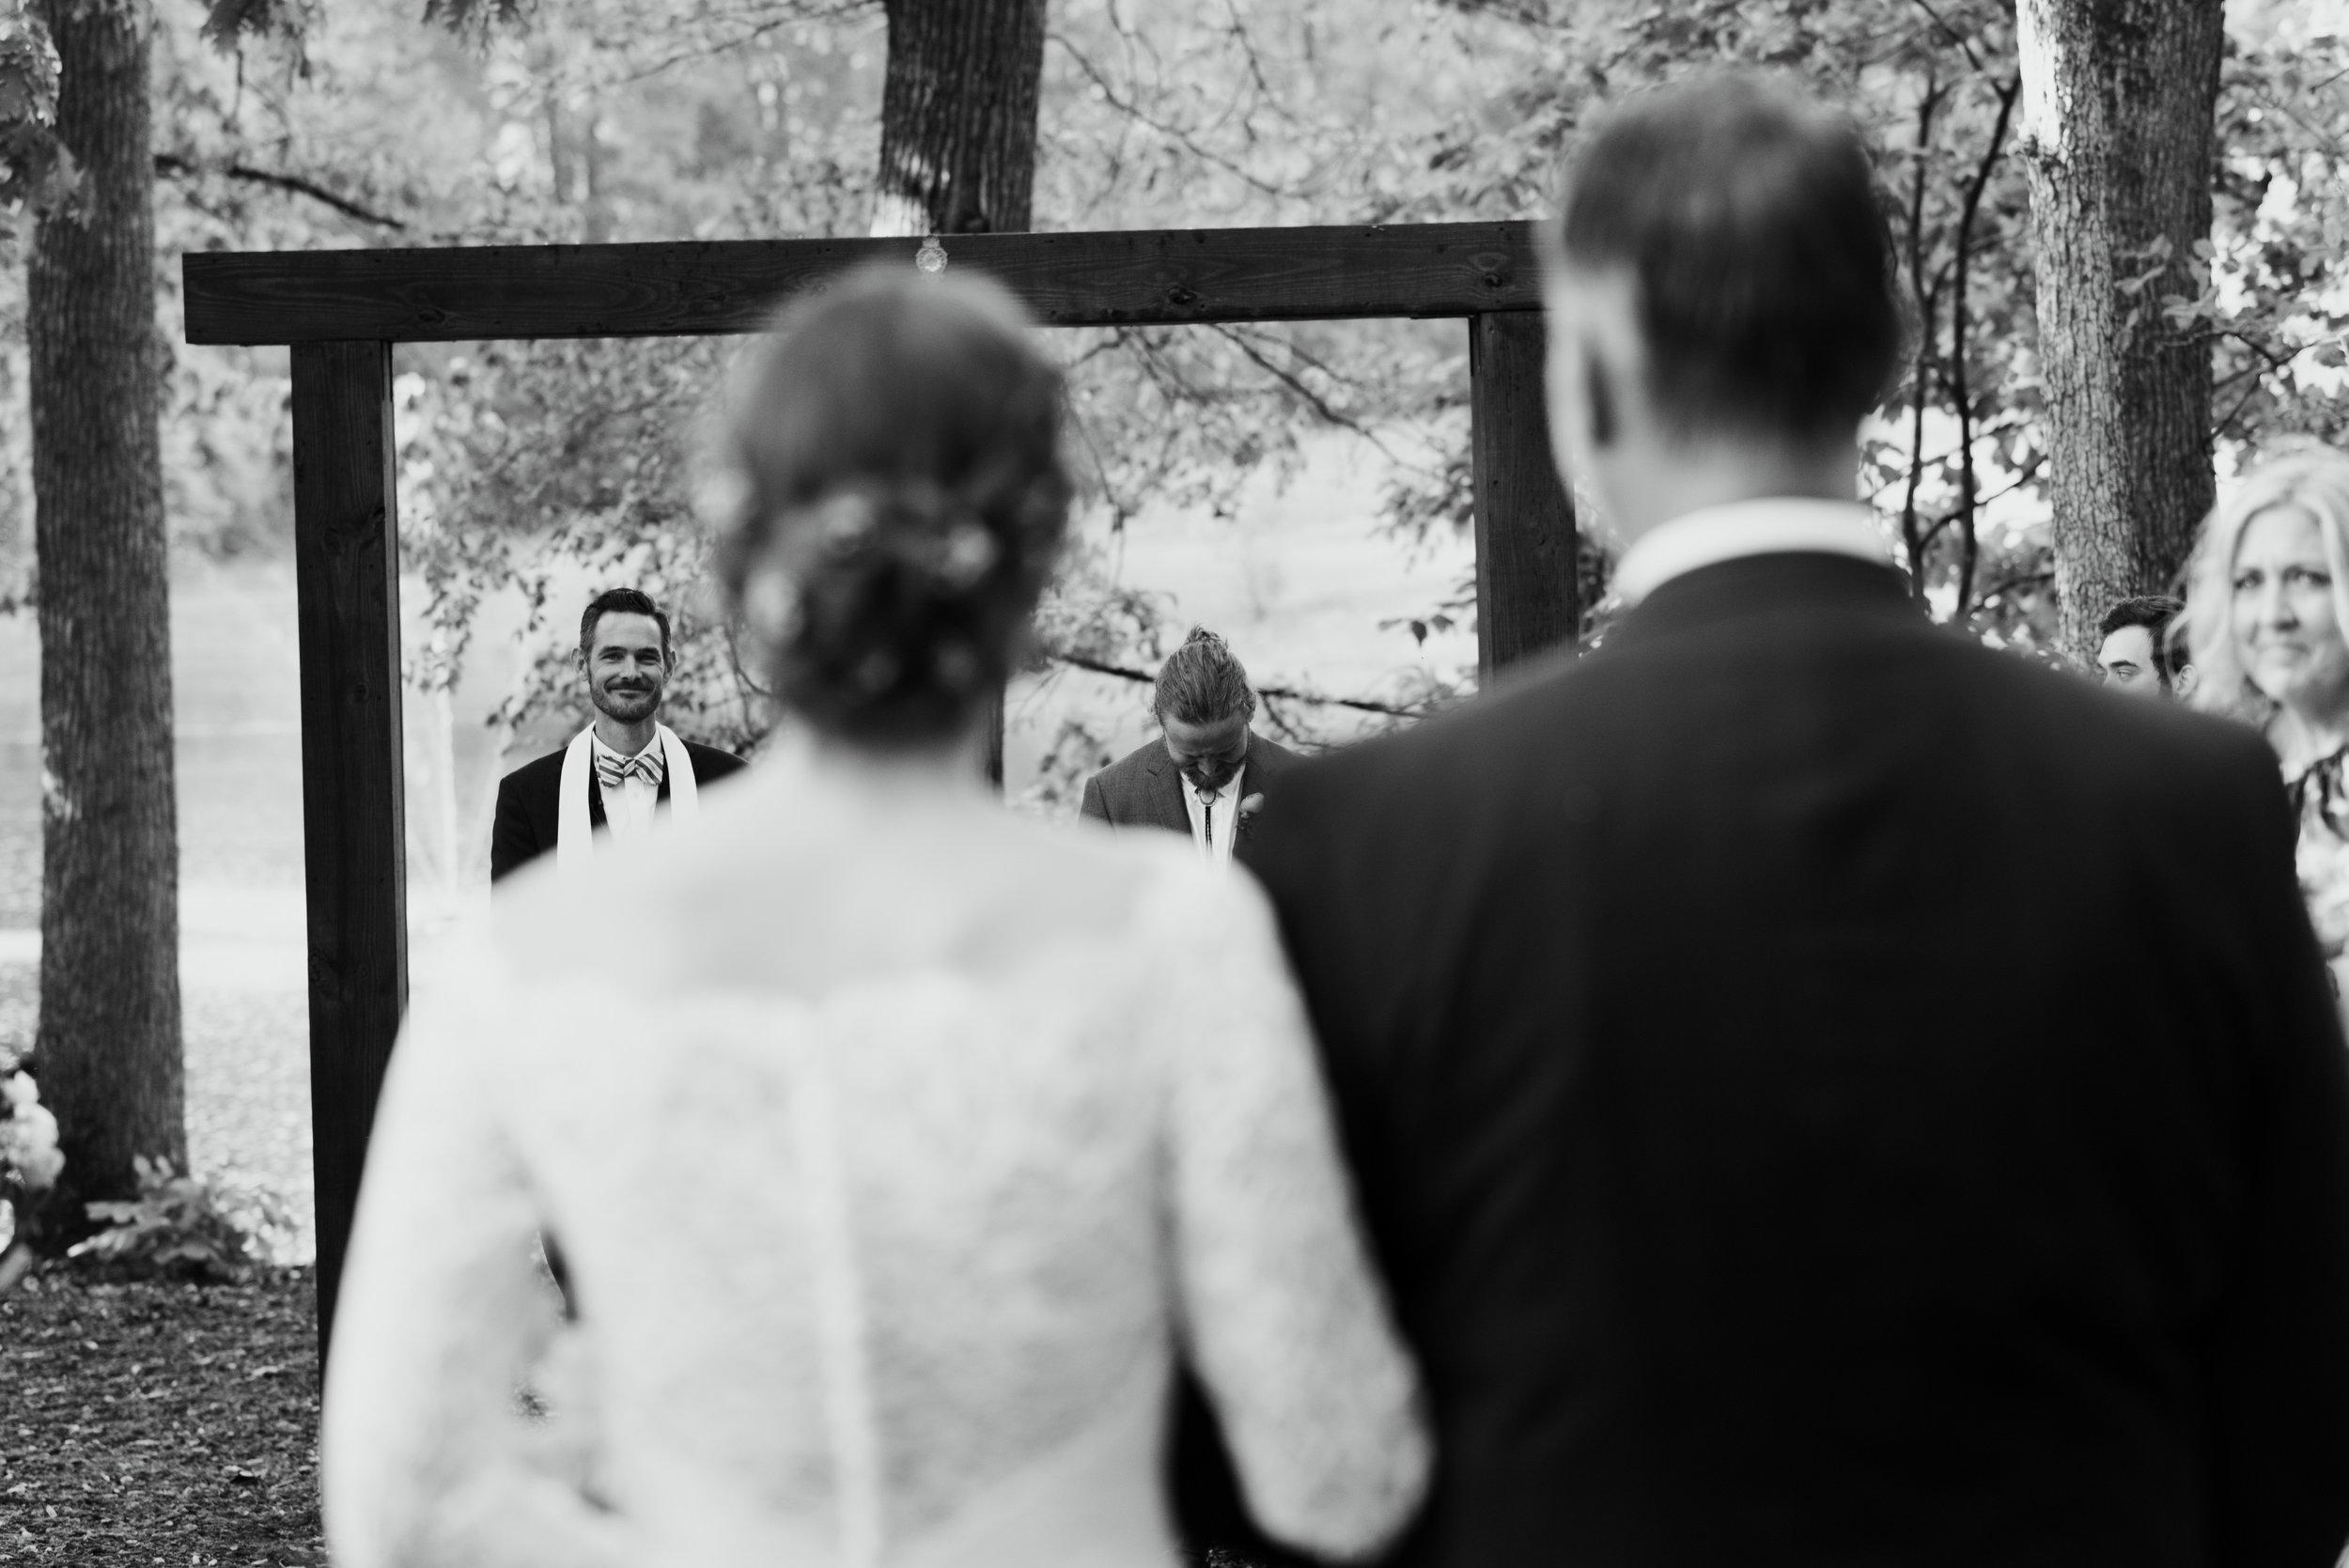 raleigh-elopement-photographer-raleigh-durham-wedding-maddie-and-devin- (99 of 162).jpg